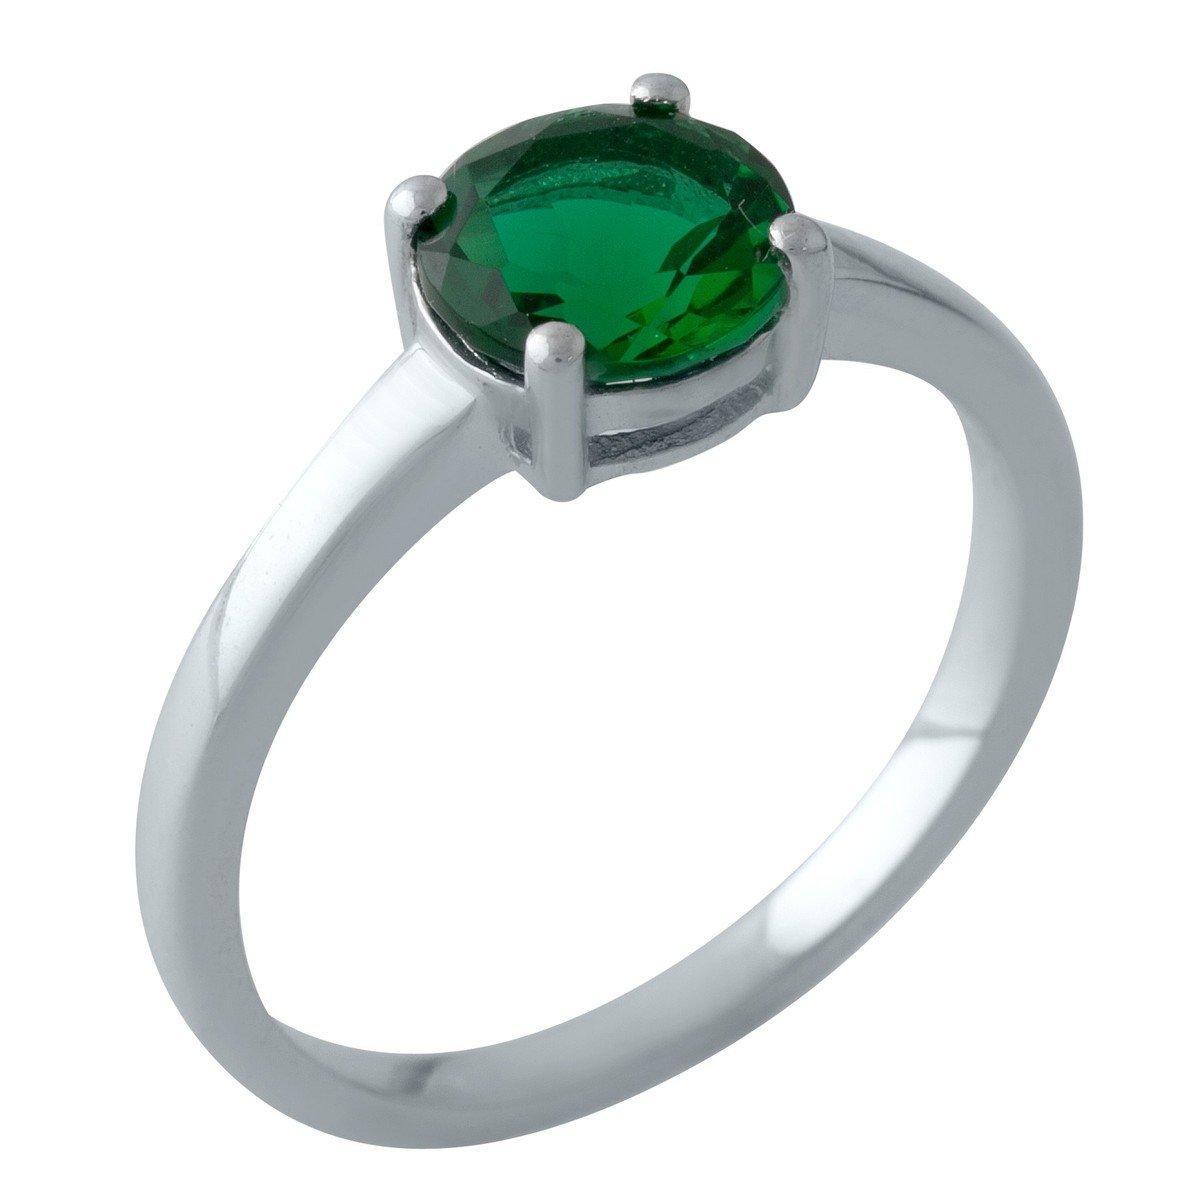 Серебряное кольцо DreamJewelry с изумрудом nano (2012740) 19 размер